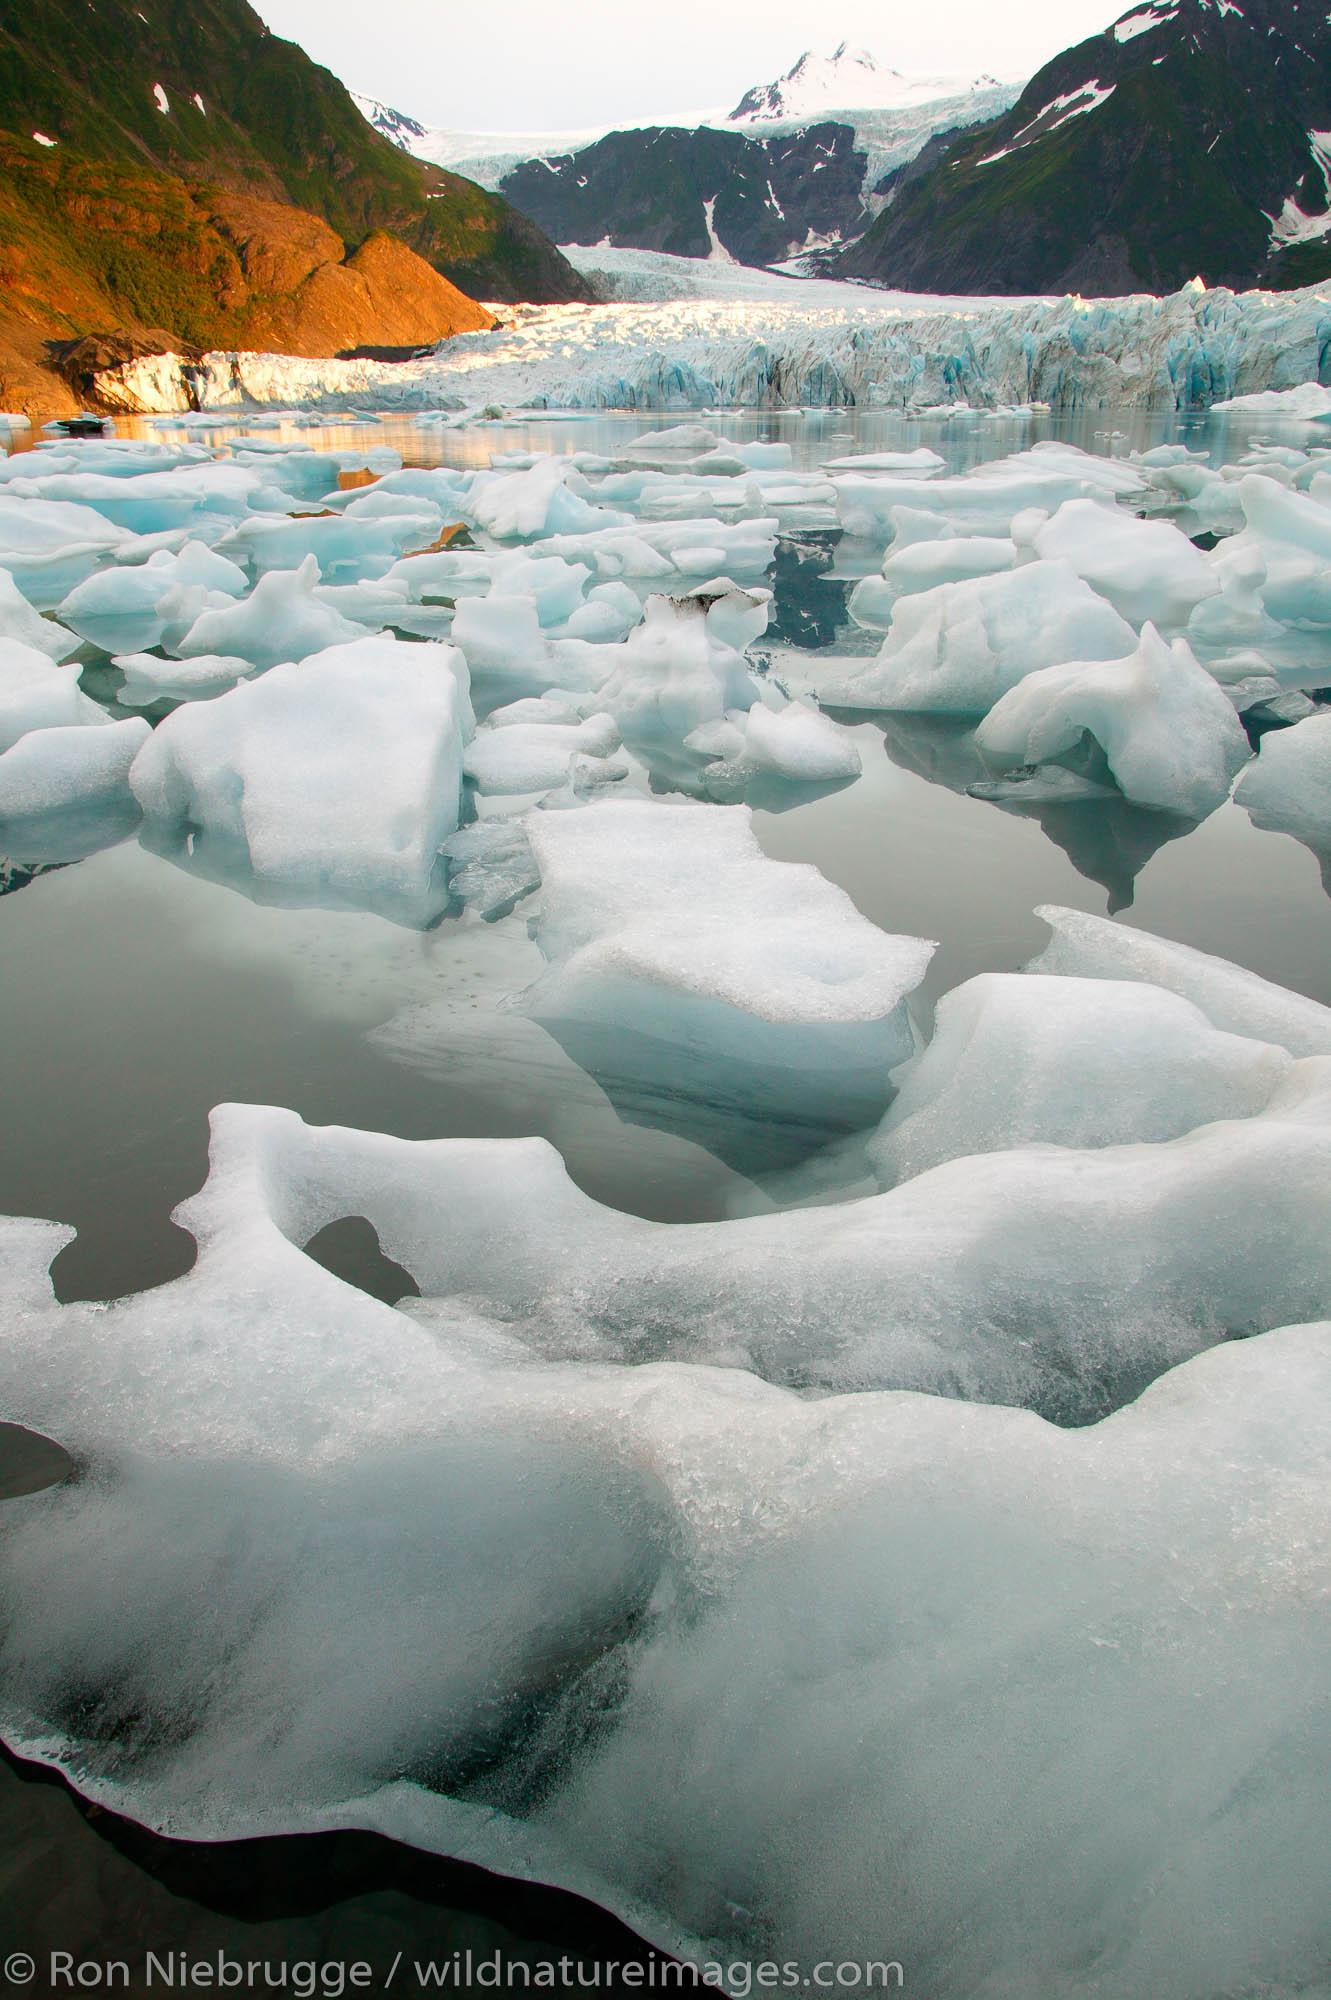 Pederson Glacier and Lagoon, Aialik Bay, Kenai Fjords National Park.